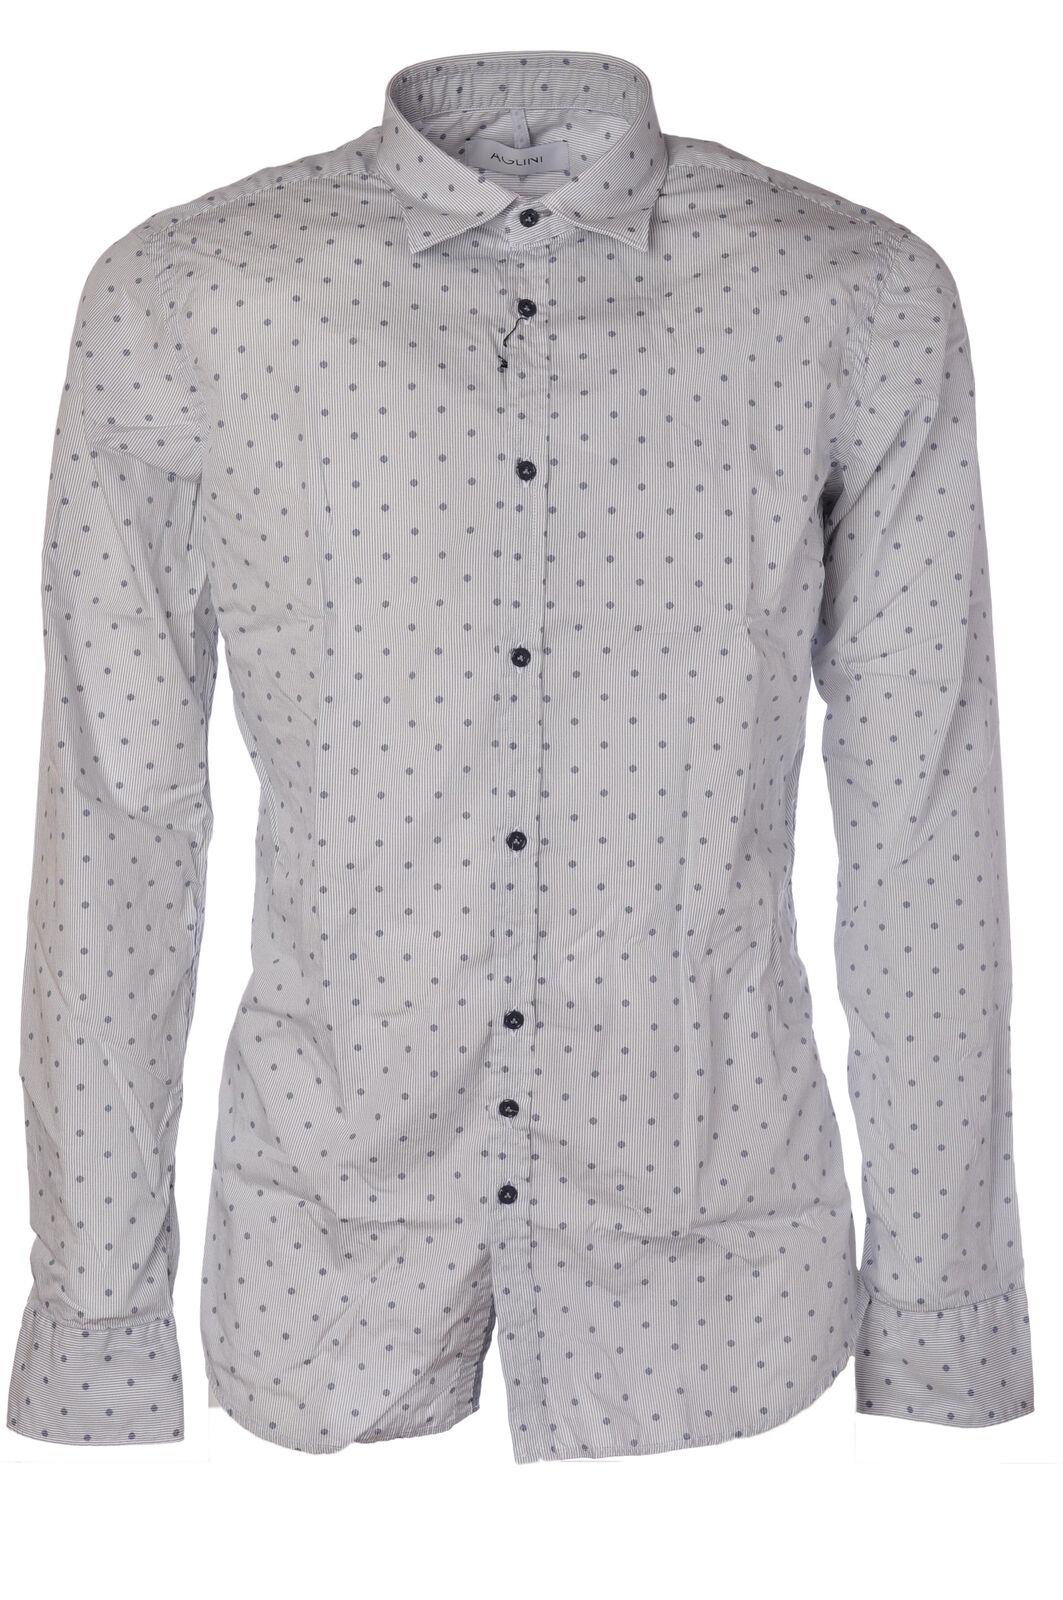 Aglini - Camicie-Camicia - Uomo - Bianco - 480515C183548